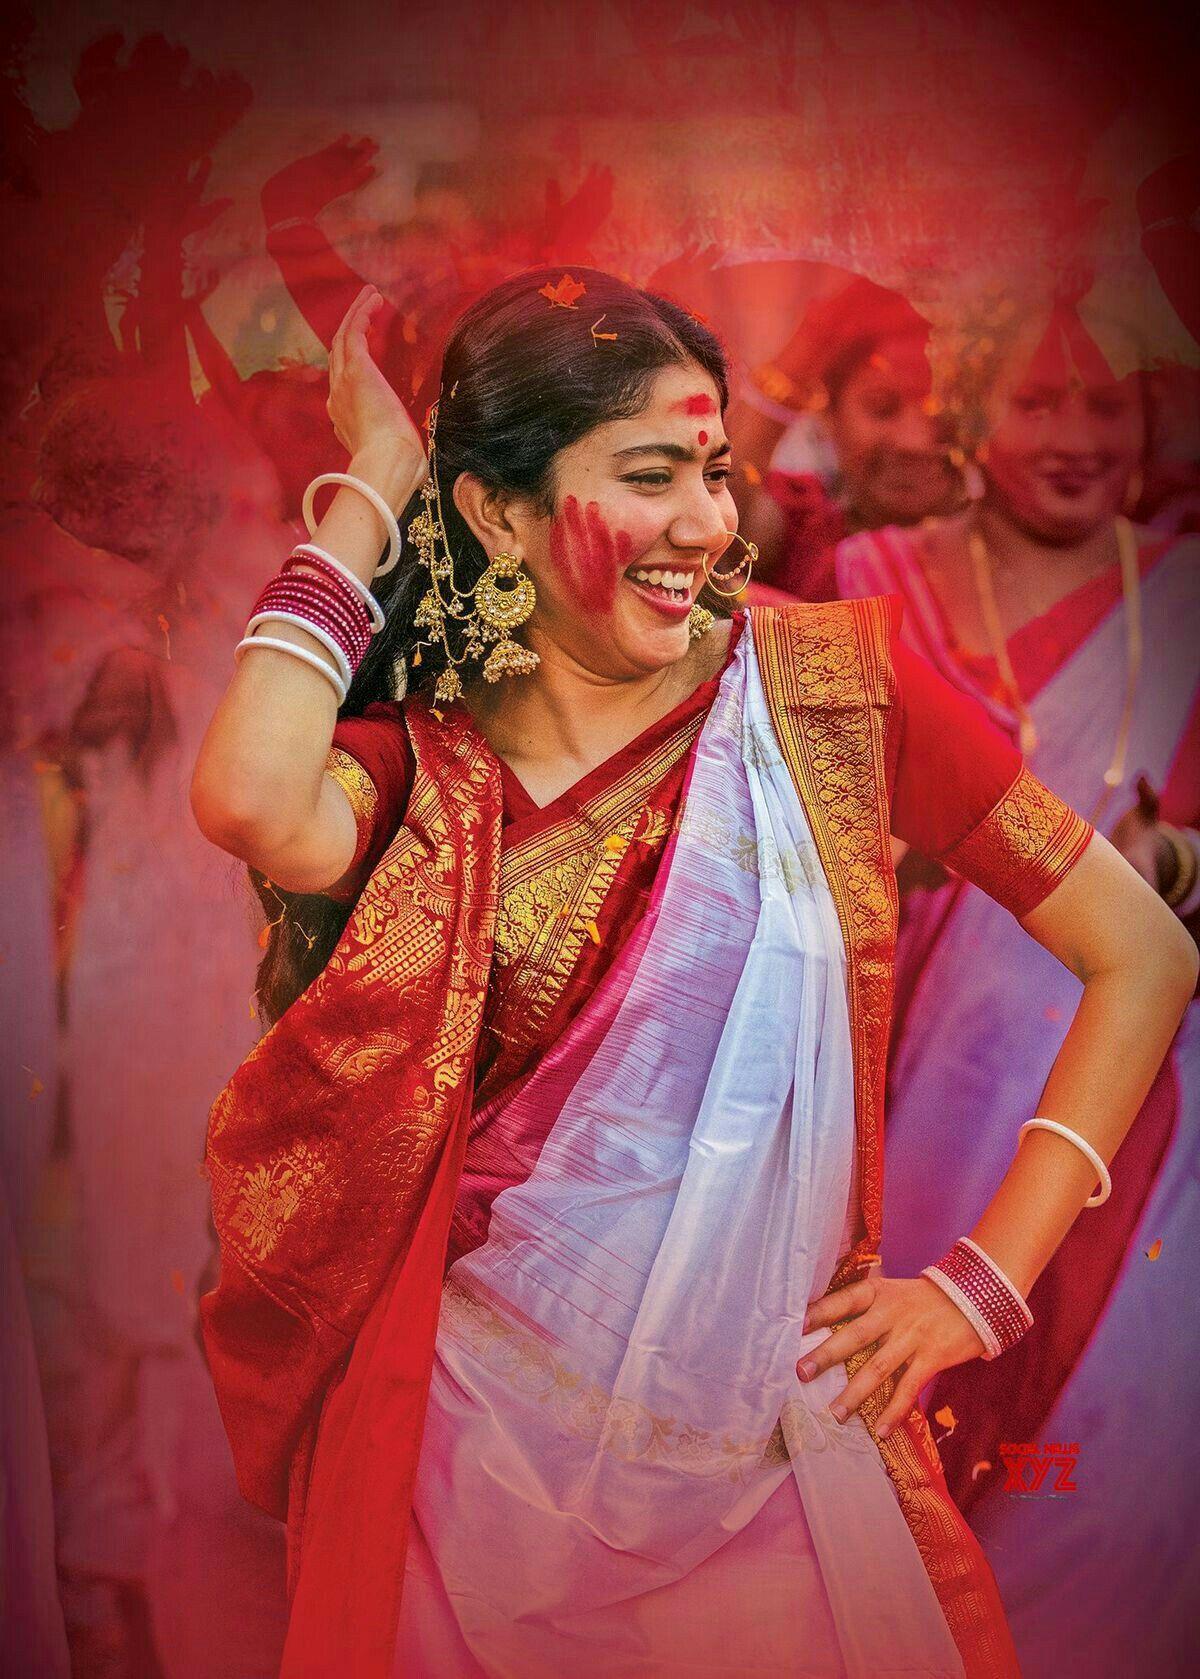 sai-pallavi-dancing